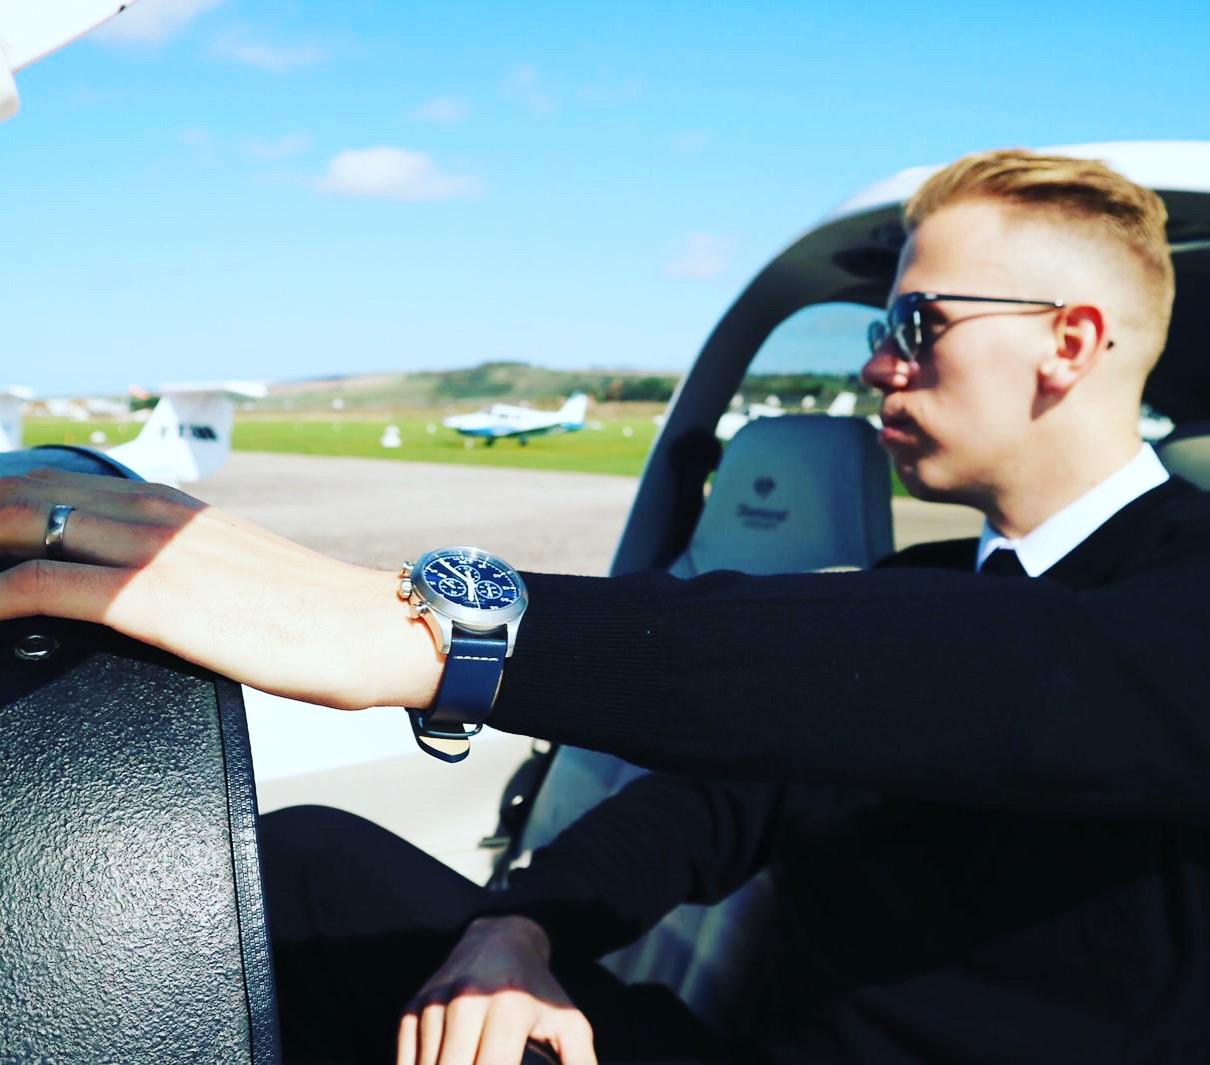 Ben-Aircraft-FTA-Pilot